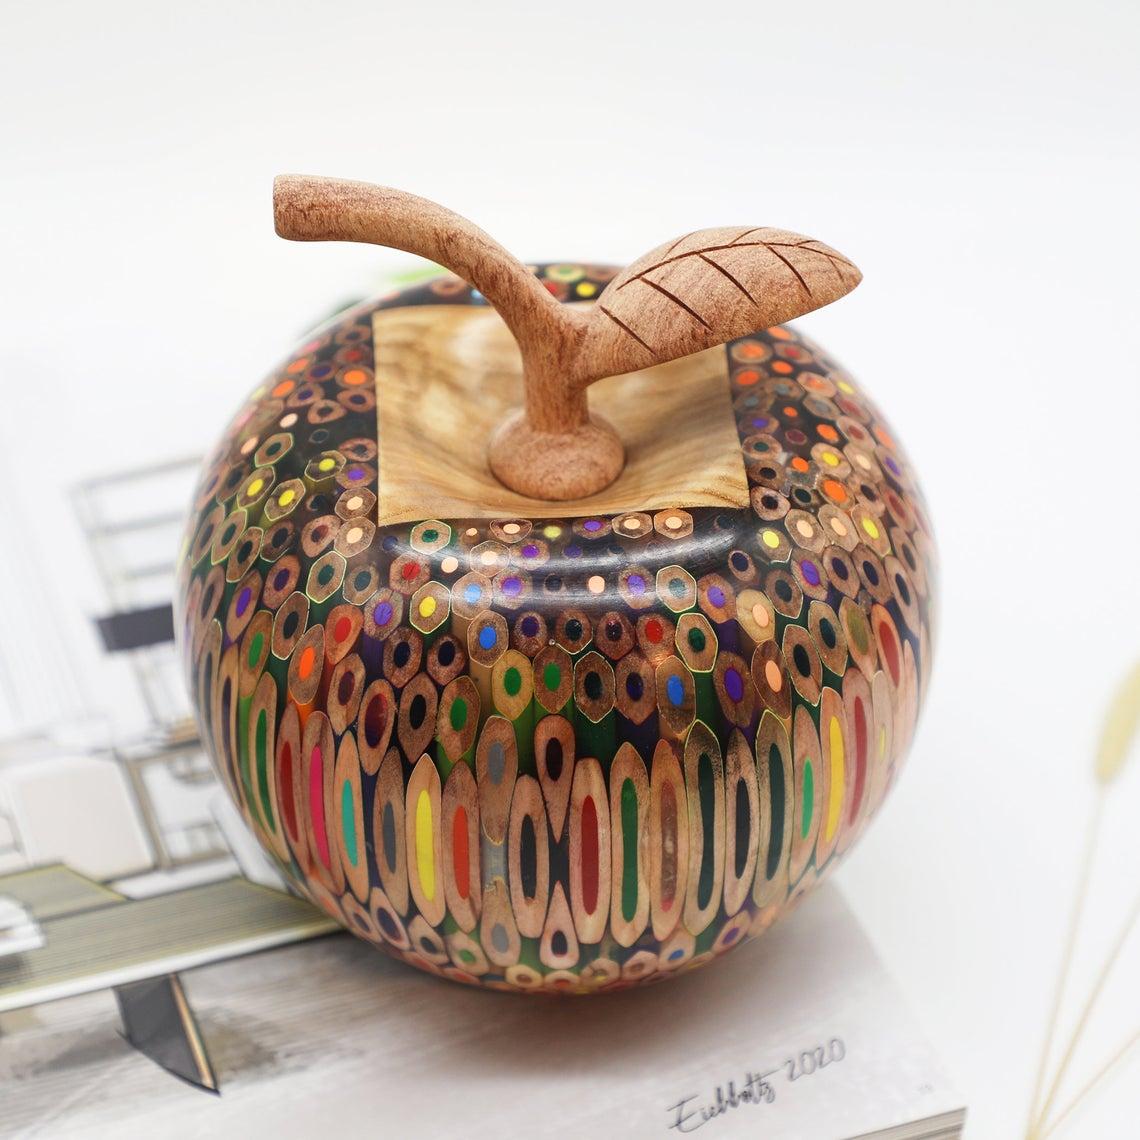 Decorative Wooden Colored-pencil Delato Apple